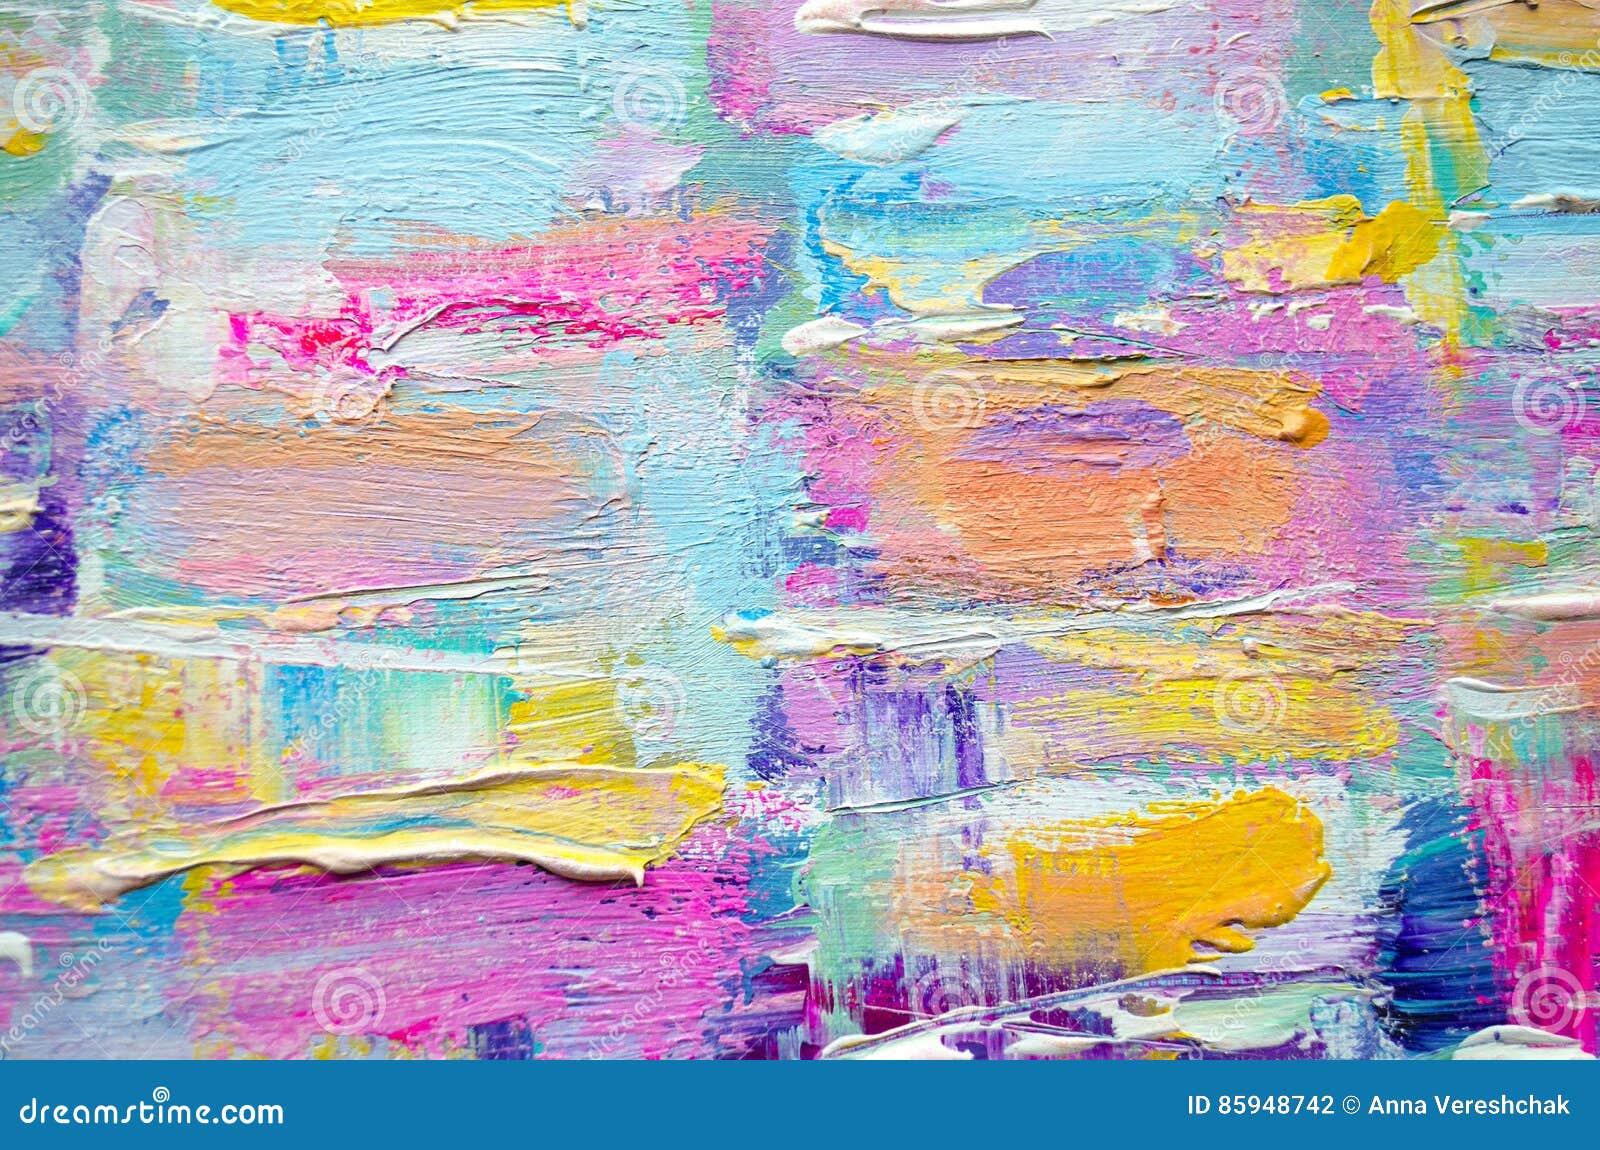 Pintura de acr lico dibujada mano fondo del arte abstracto pintura de acr lic - Peinture carre couleur ...